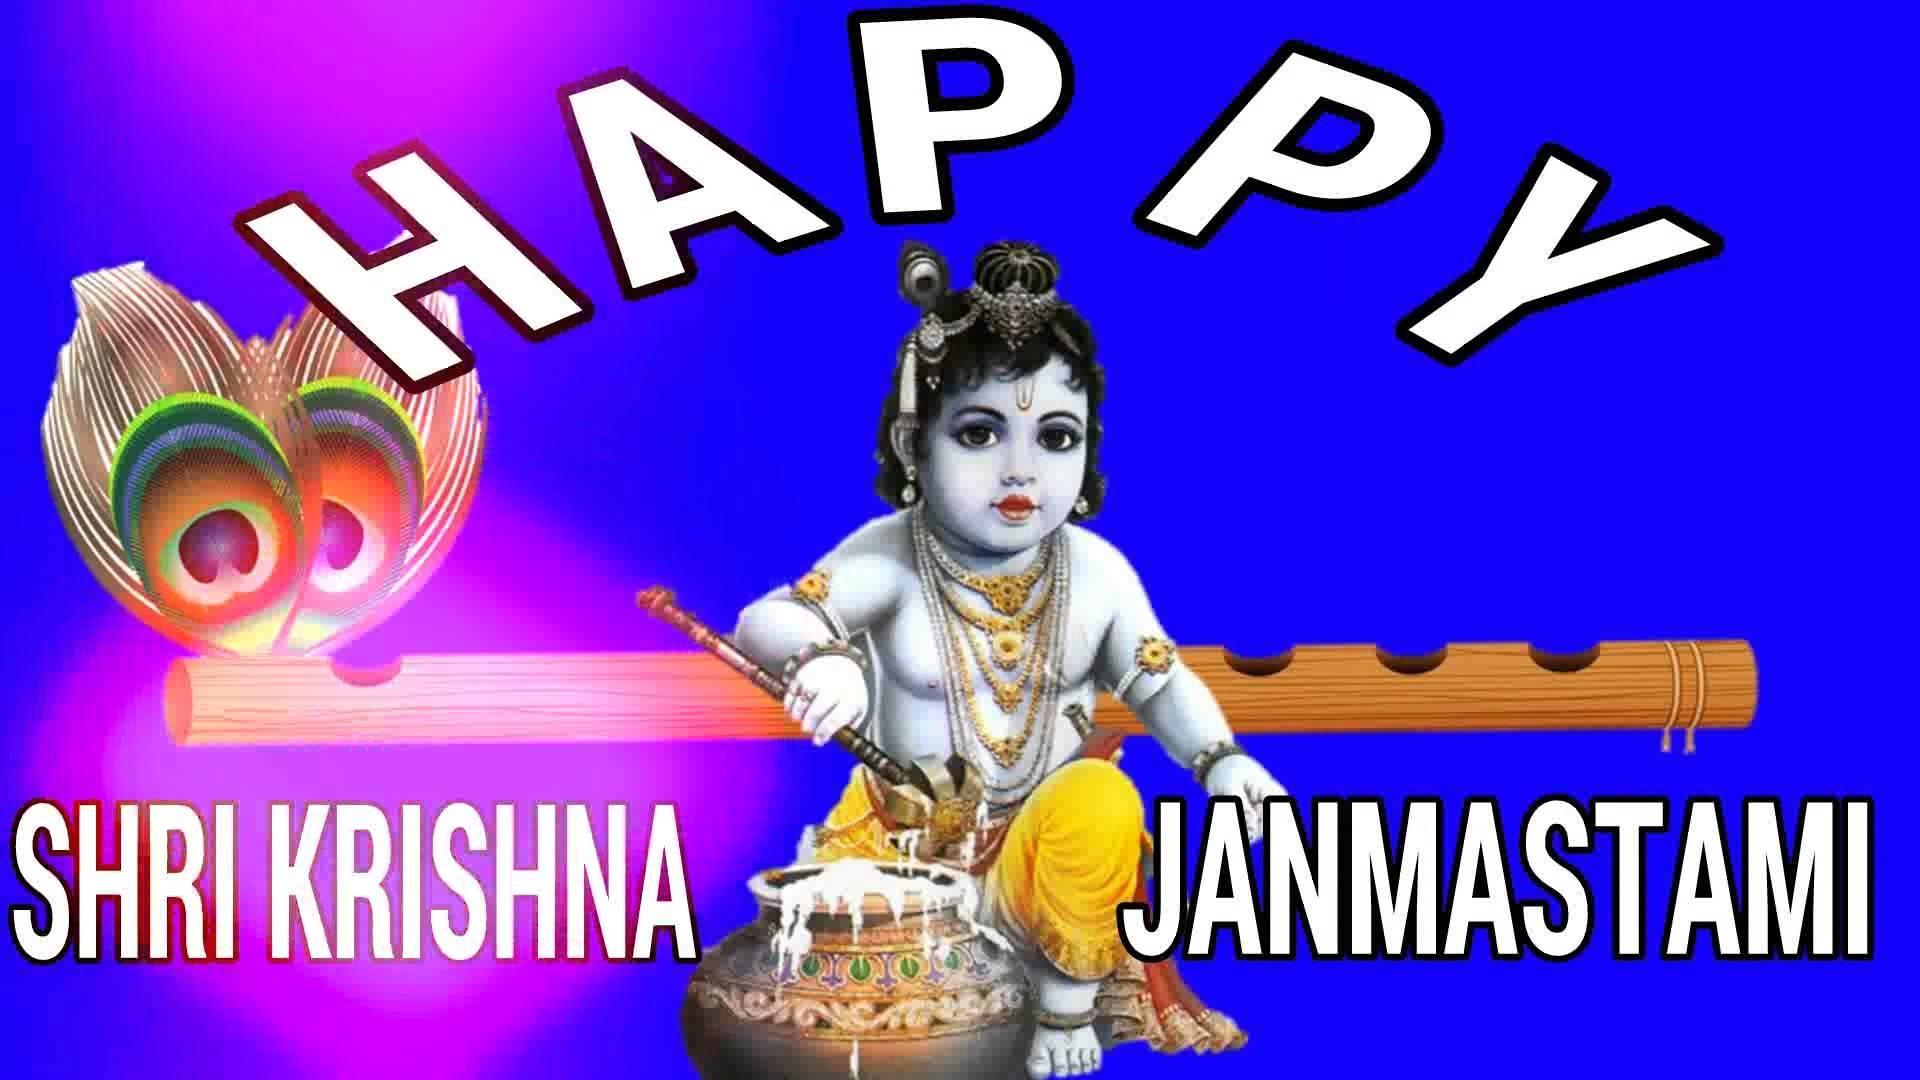 Sri Krishna Video Janmashtami - Happy Sri Krishna Janmashtami - HD Wallpaper